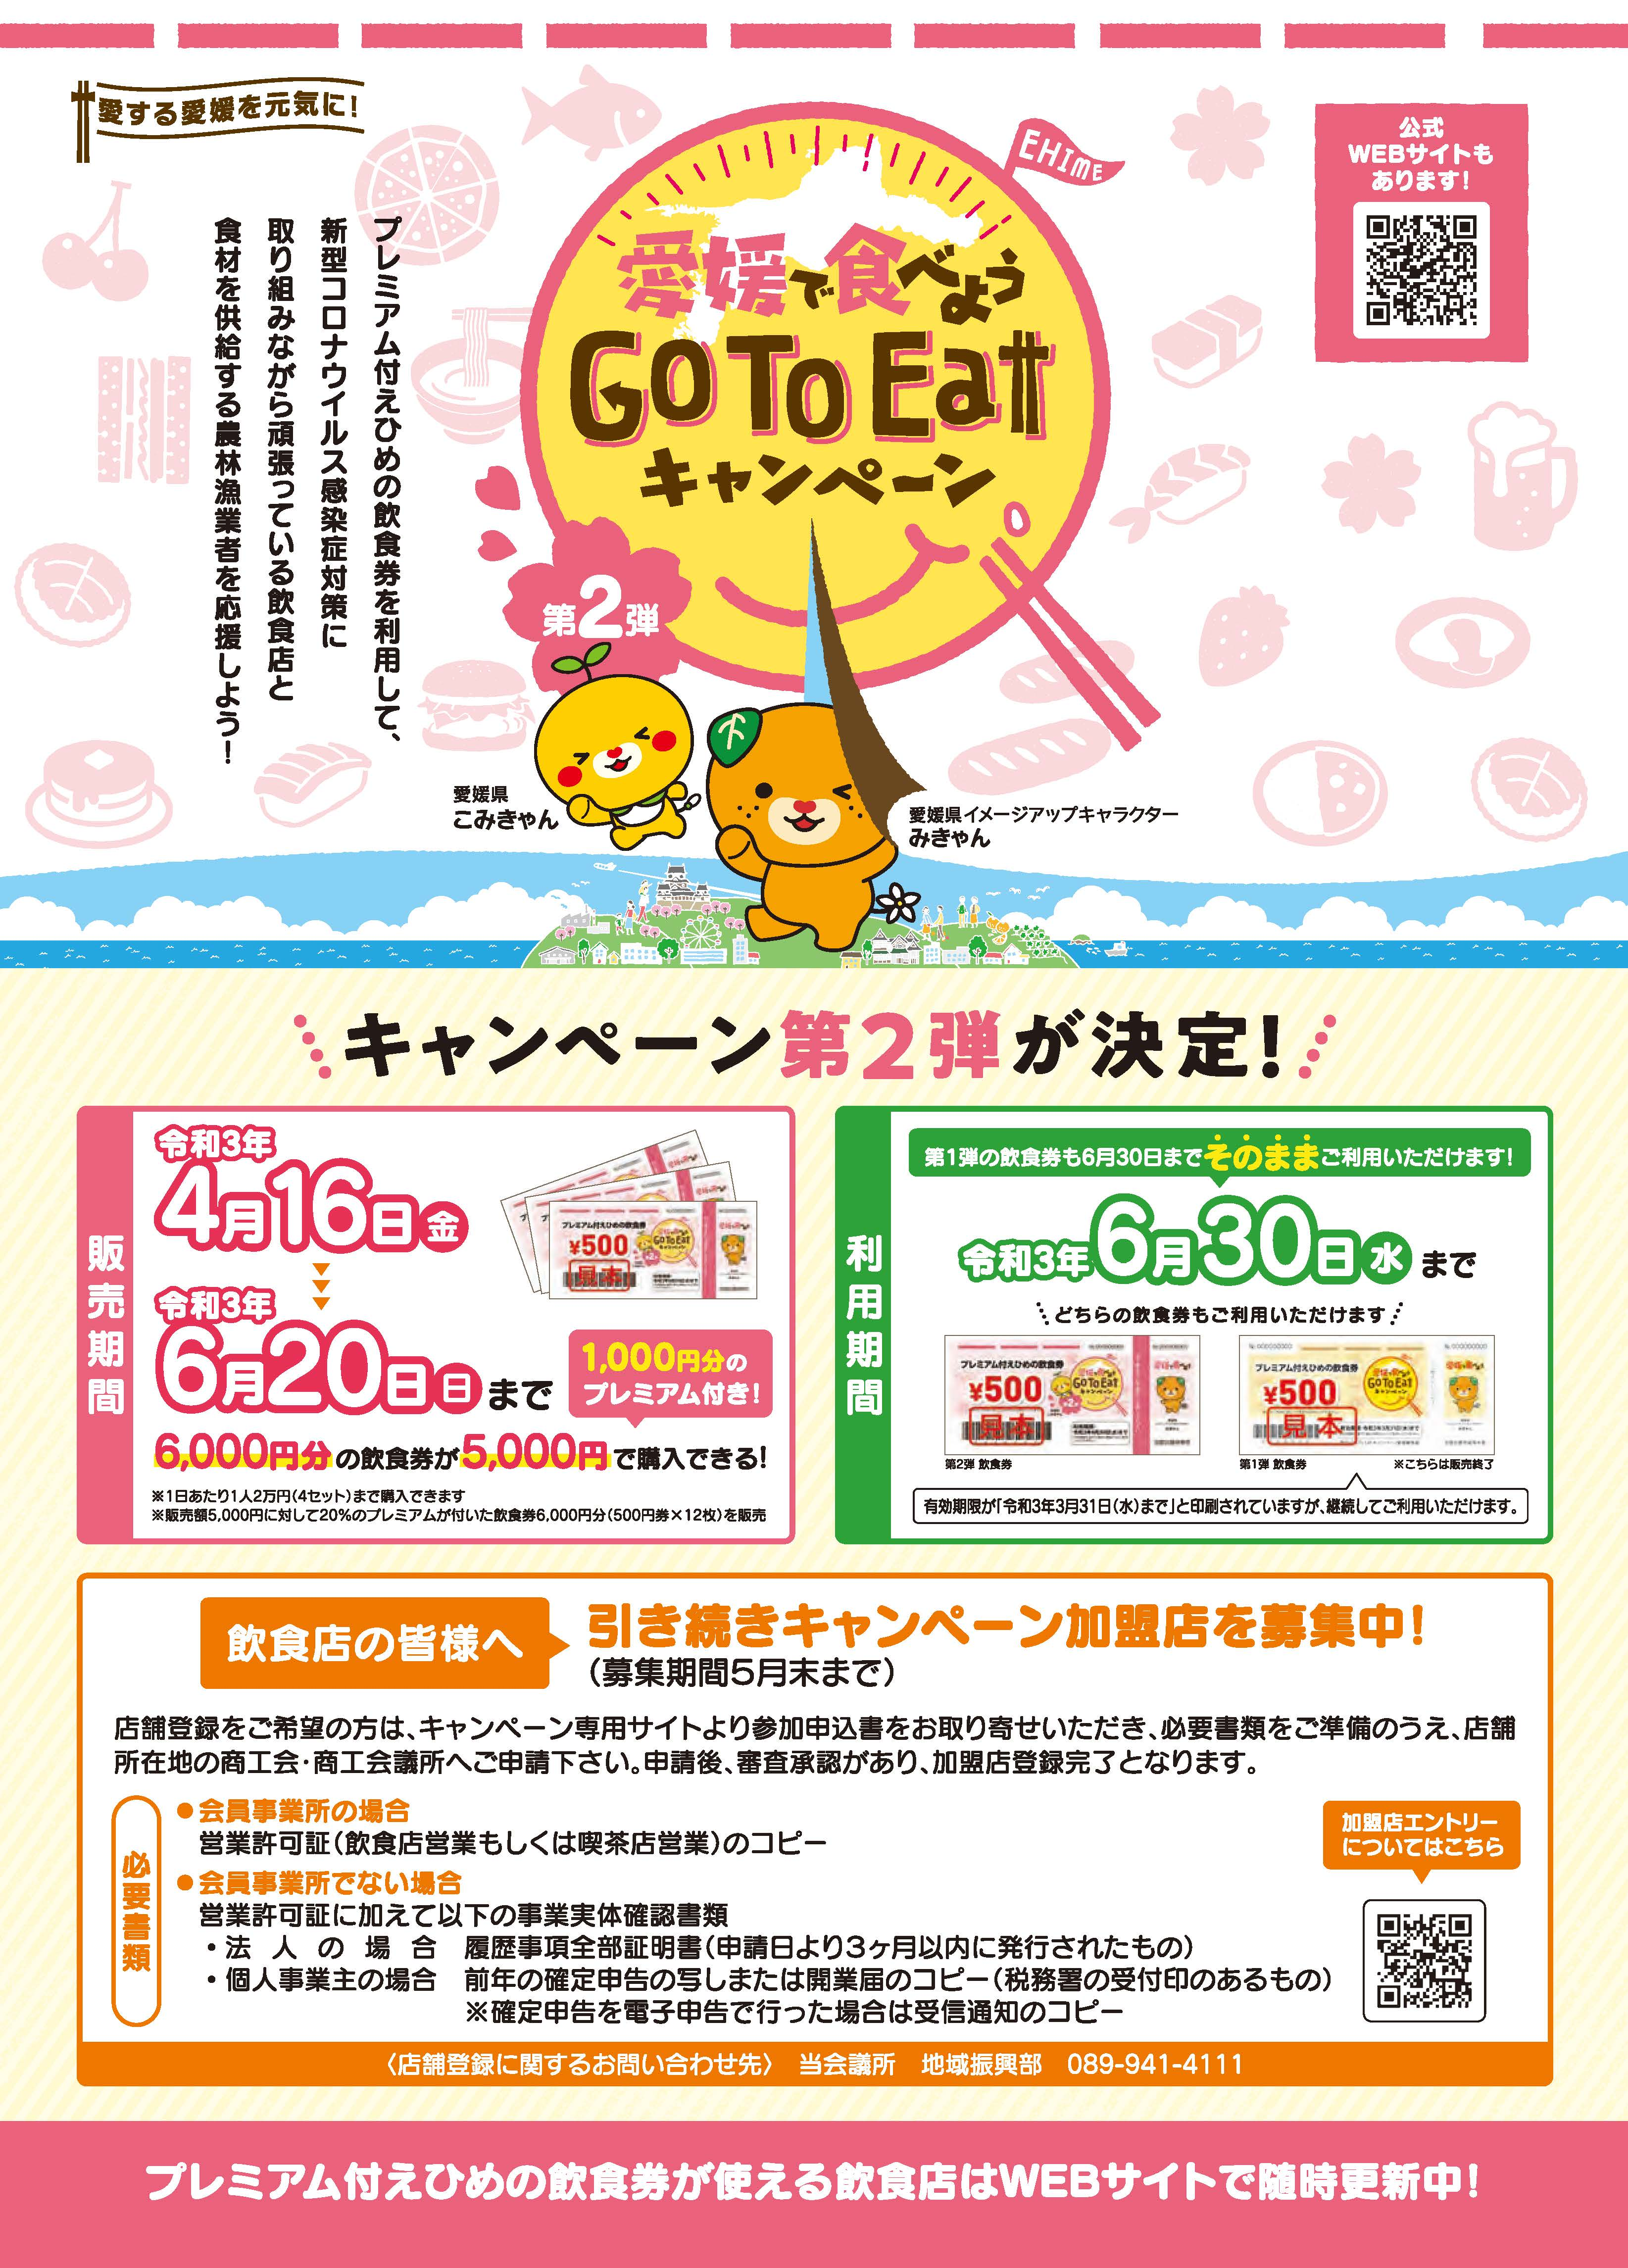 掲載用_GoToEat広告.jpg